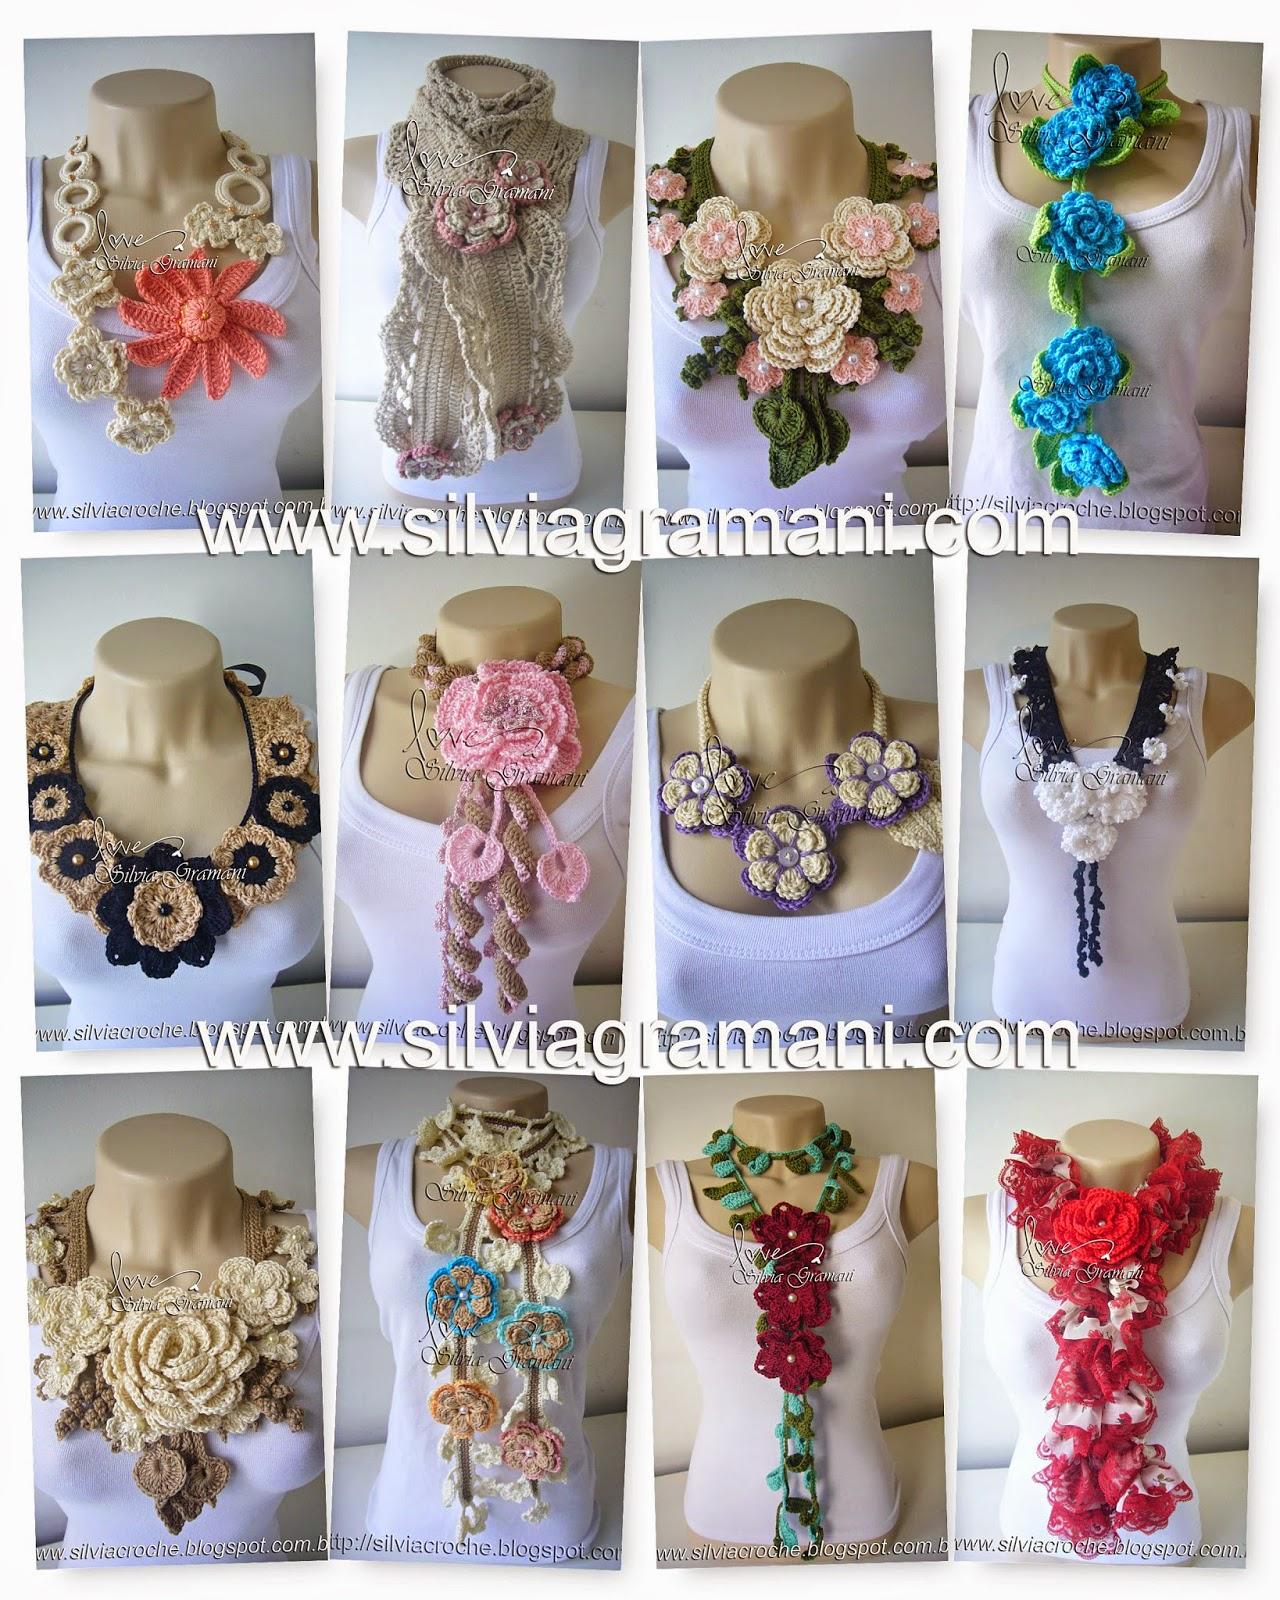 Peças de crochê apostila I, cachecol, colare de flores